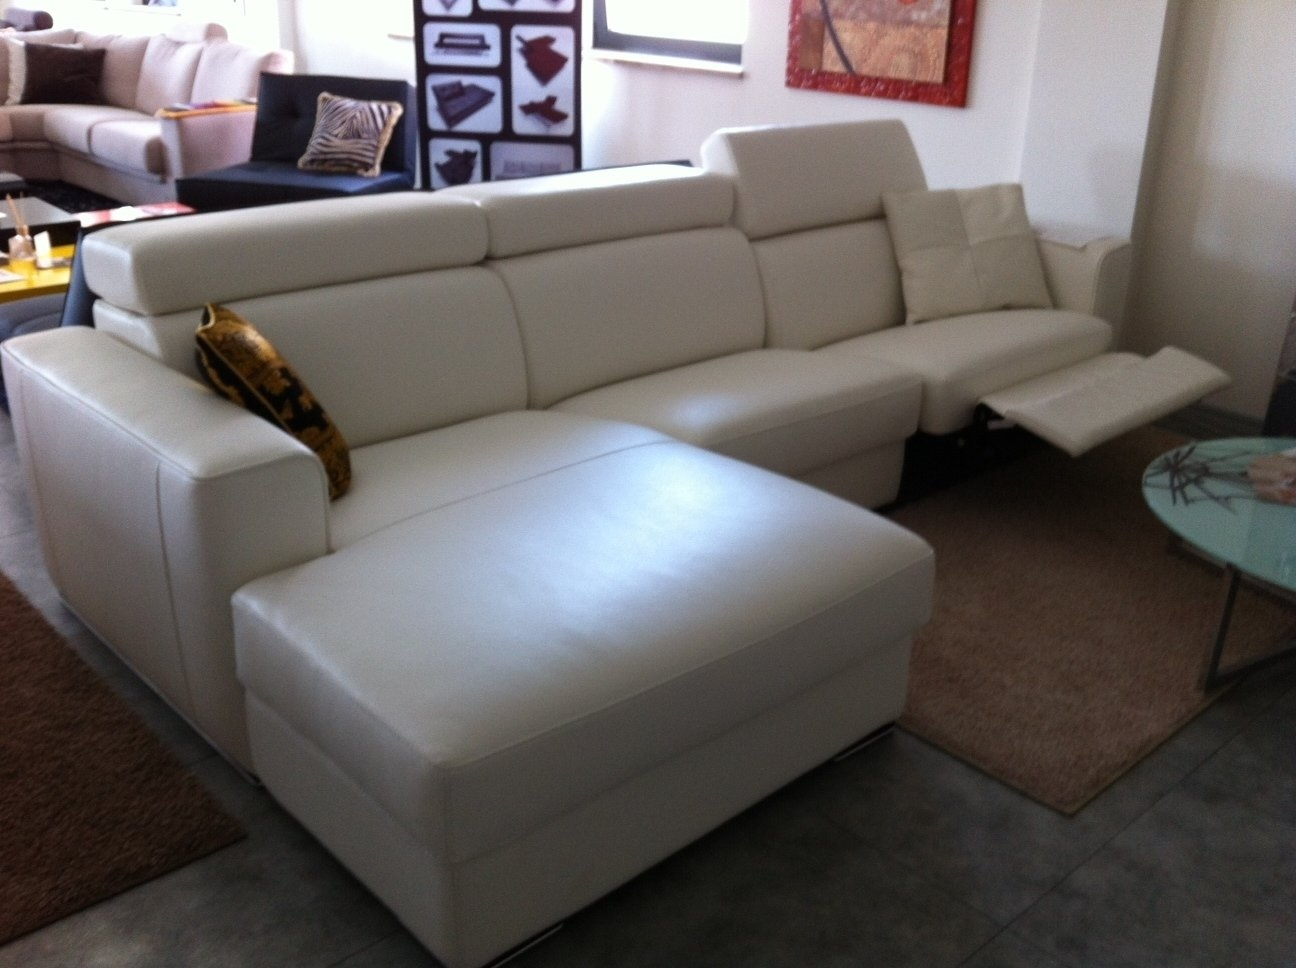 Offerta divano in pelle relax divani a prezzi scontati - Divano letto elettrico ...